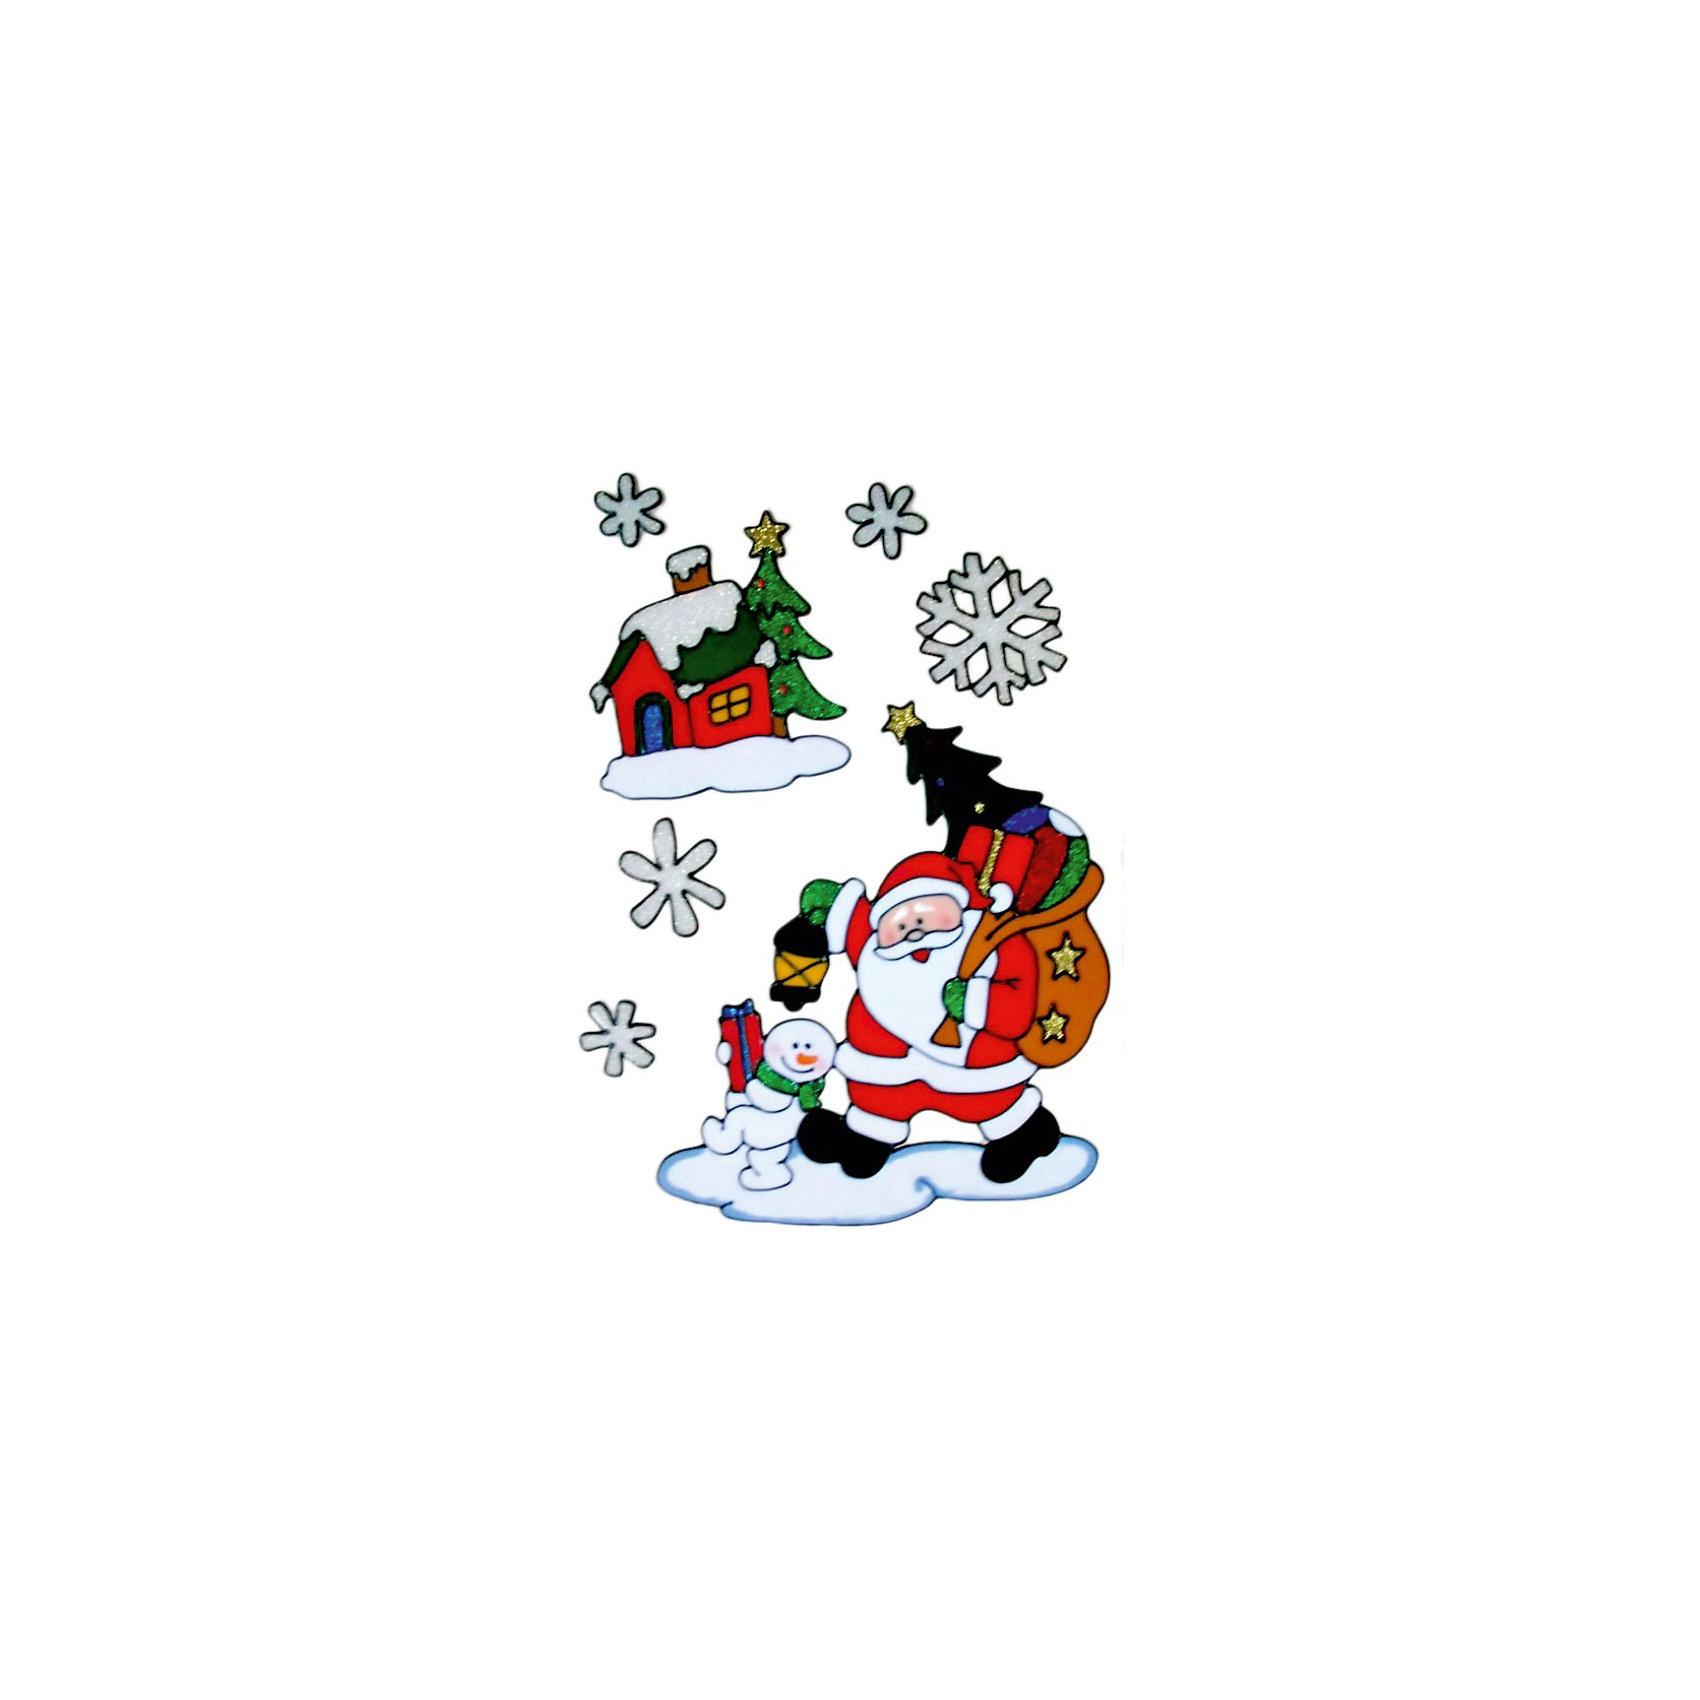 Декоративное украшение (наклейка на окно), 40 см, в ассортиментеВсё для праздника<br>Декоративное украшение (наклейка на окно), Волшебная страна замечательно украсит Ваш интерьер и создаст праздничное новогоднее настроение. В ассортименте представлены<br>3 варианта дизайна наклеек с новогодней тематикой.<br><br>Дополнительная информация:<br><br>- Размер наклейки: 40 см.<br>- Вес: 101 гр. <br><br>Декоративное украшение (наклейку на окно), Волшебная страна можно купить в нашем интернет-магазине.<br><br>ВНИМАНИЕ! Данный артикул имеется в наличии в разных вариантах исполнения. Заранее выбрать определенный вариант нельзя. При заказе нескольких наклеек возможно получение одинаковых.<br><br>Ширина мм: 350<br>Глубина мм: 120<br>Высота мм: 340<br>Вес г: 101<br>Возраст от месяцев: 60<br>Возраст до месяцев: 180<br>Пол: Унисекс<br>Возраст: Детский<br>SKU: 3791451